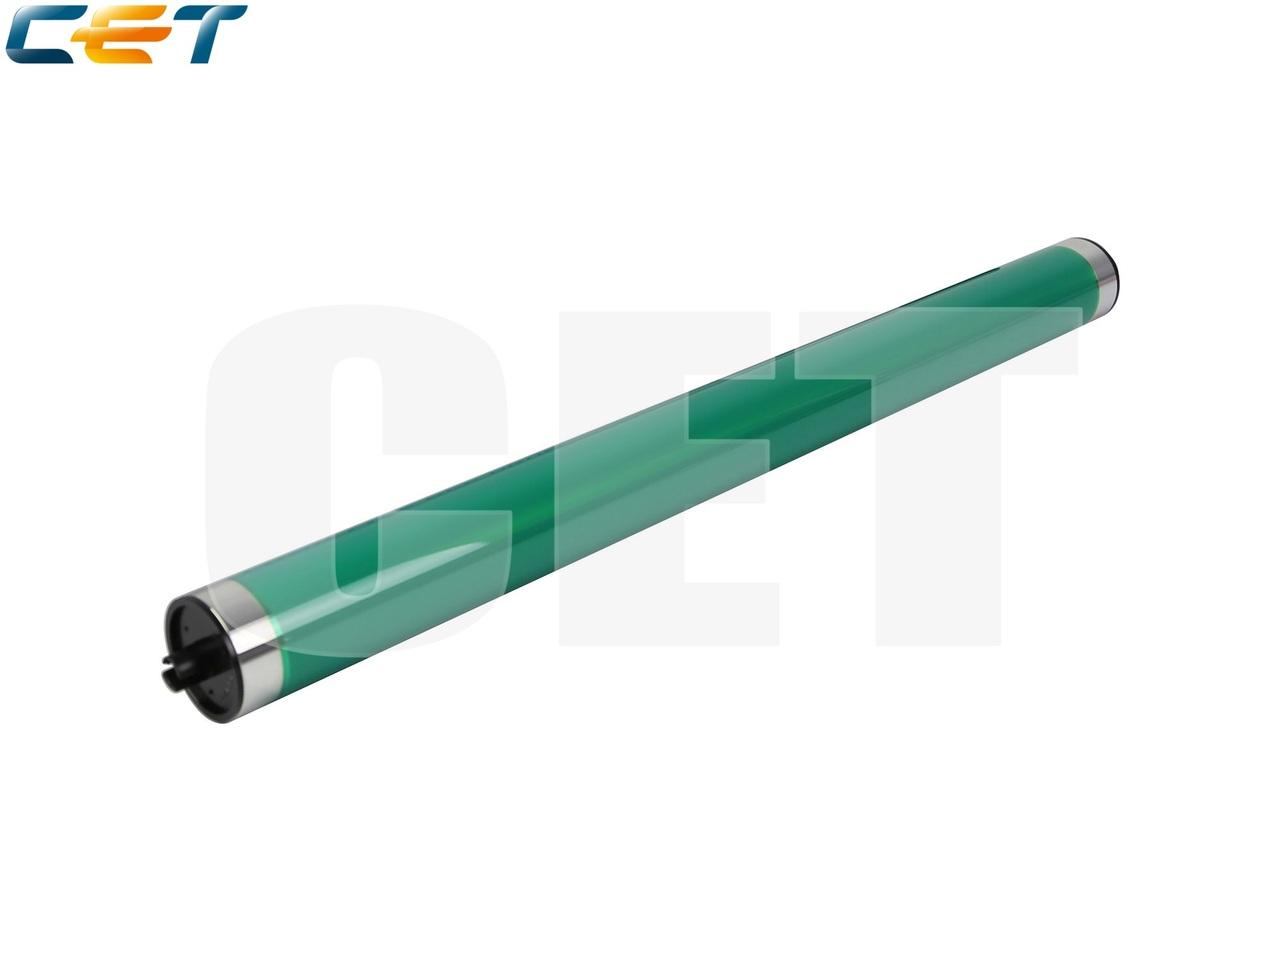 Барабан (Япония) для SHARPMX-2600N/3100N/4100N/5000N/4101N/5001N (CET), 100000стр., CET7664